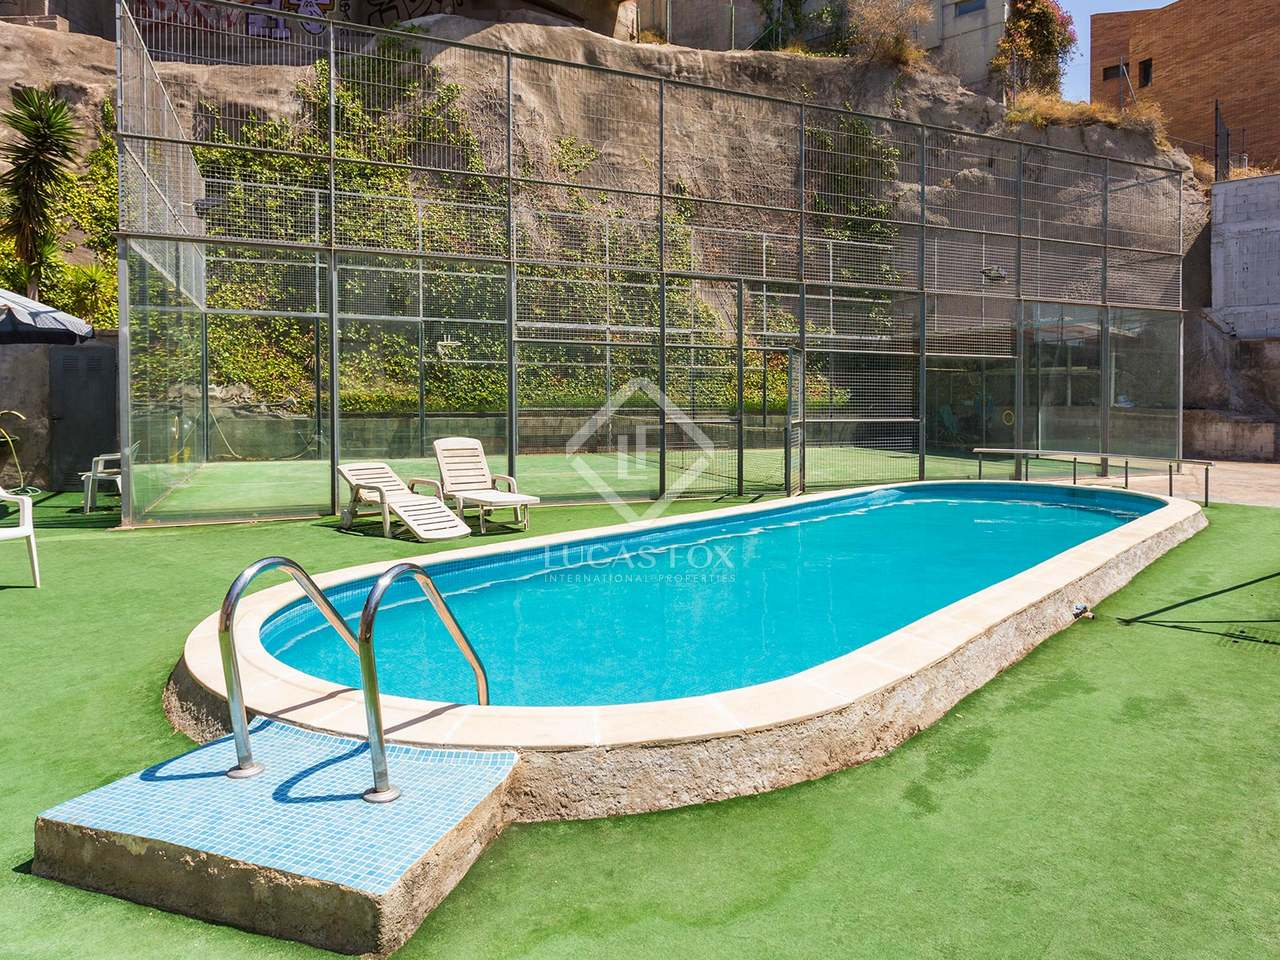 Casa de 5 dormitorios con piscina en alquiler en gracia for Casas con piscina para alquilar